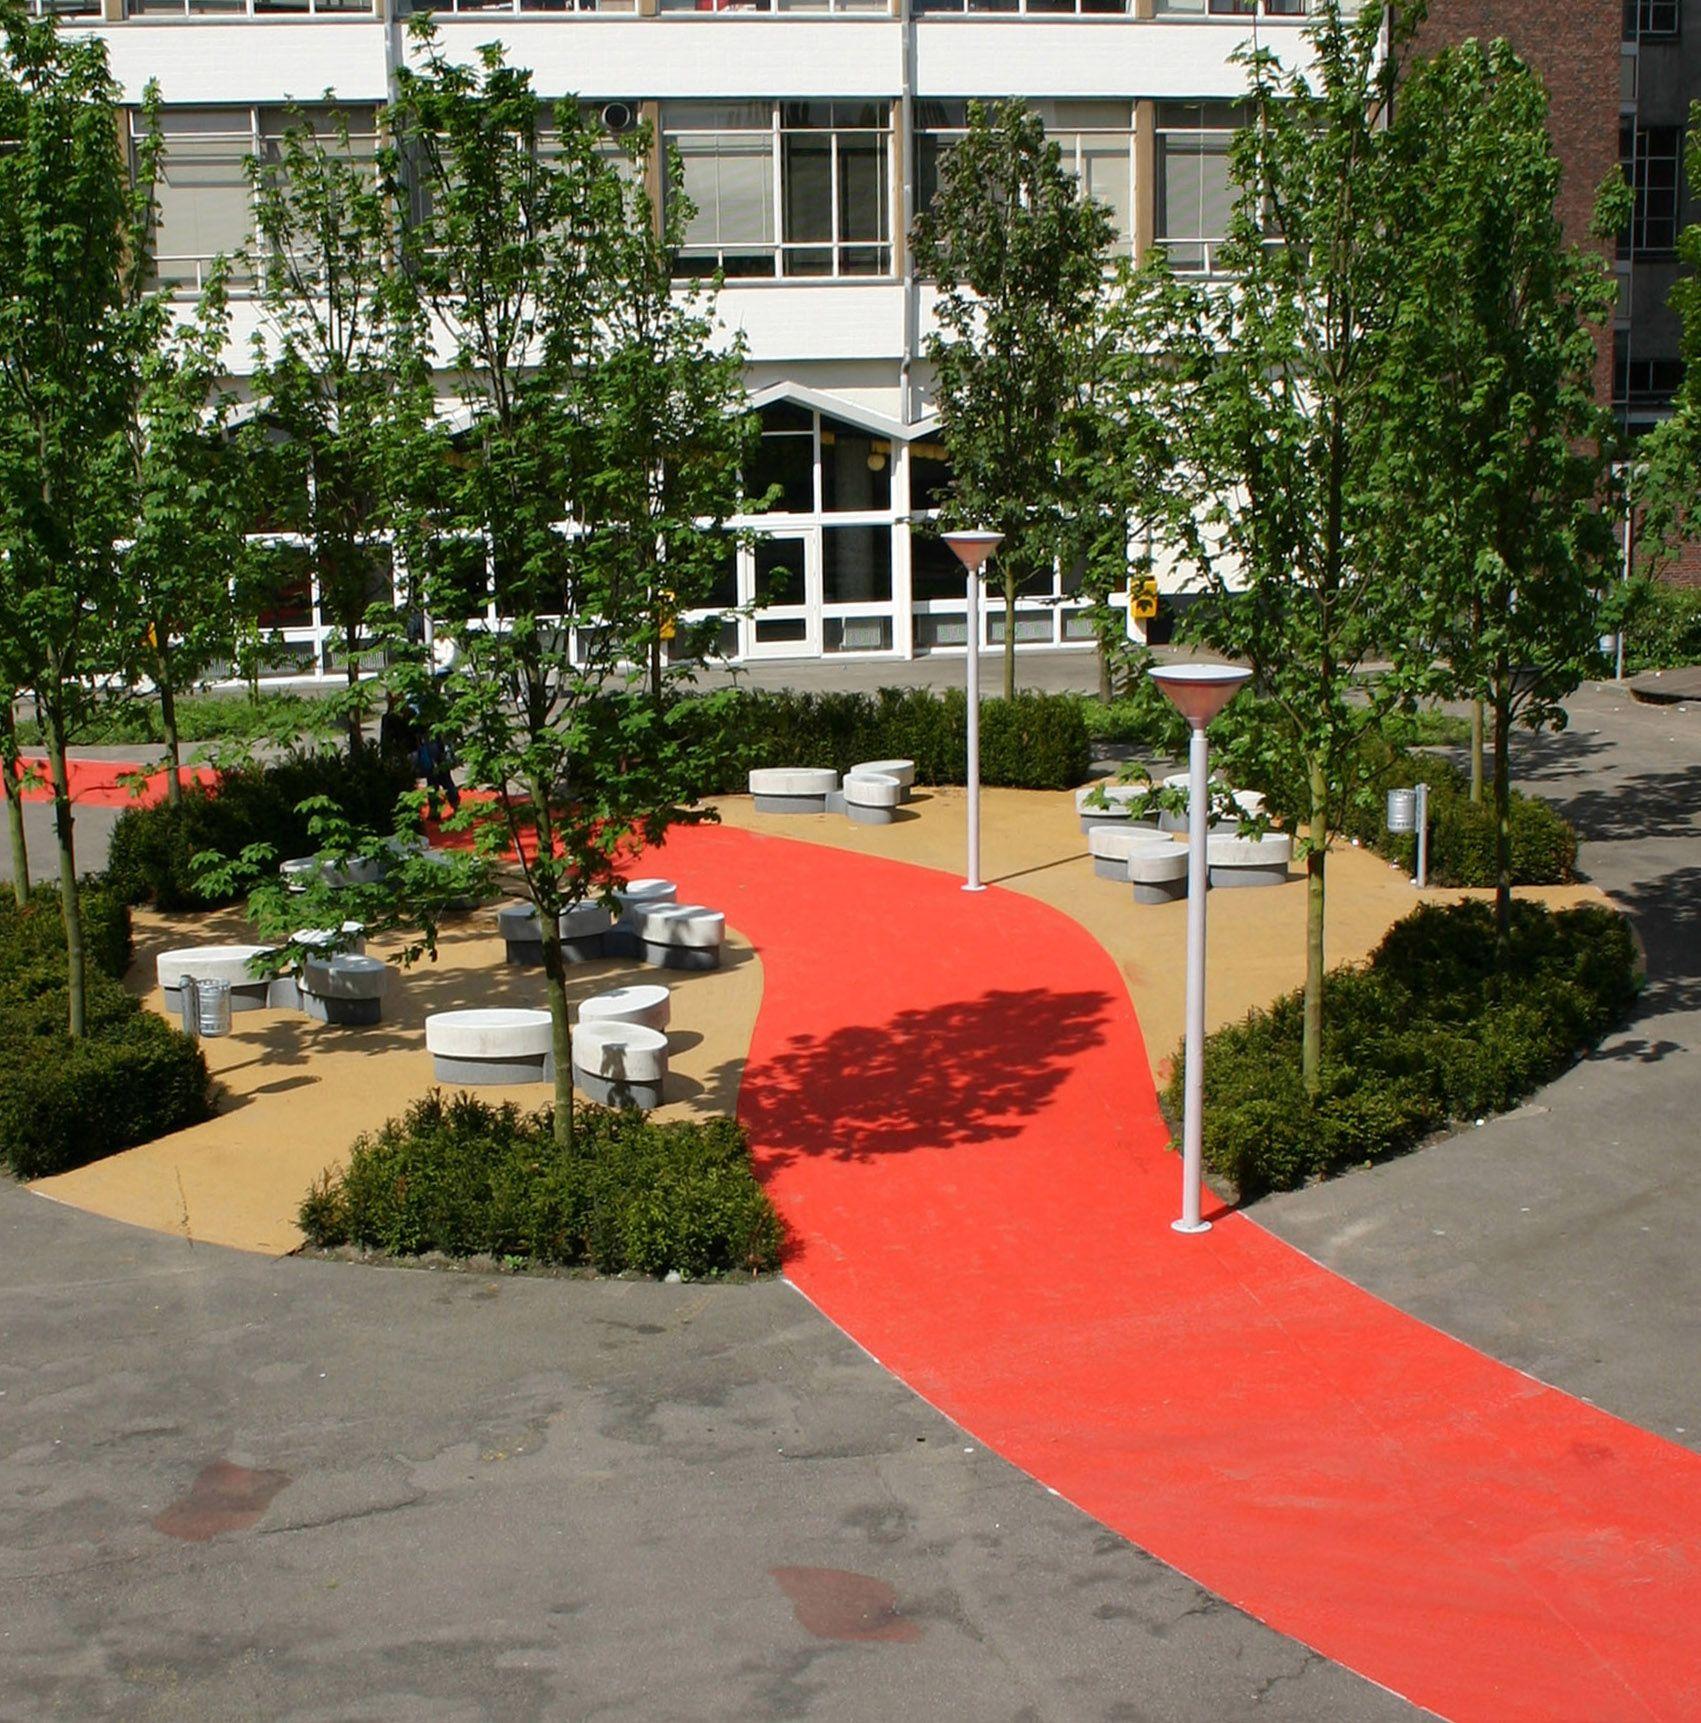 www.hendrikshoveniers.nl  schoolpleinen, aanleg schoolplein, natuurlijk spelen, middelbare school, tuin aanleg, tuinarchitectuur, cortenstaal, hangplekken, jongeren, hoge school, schoolplein, tuinontwerp, exclusieve tuin, strakke tuin, moderne tuin.